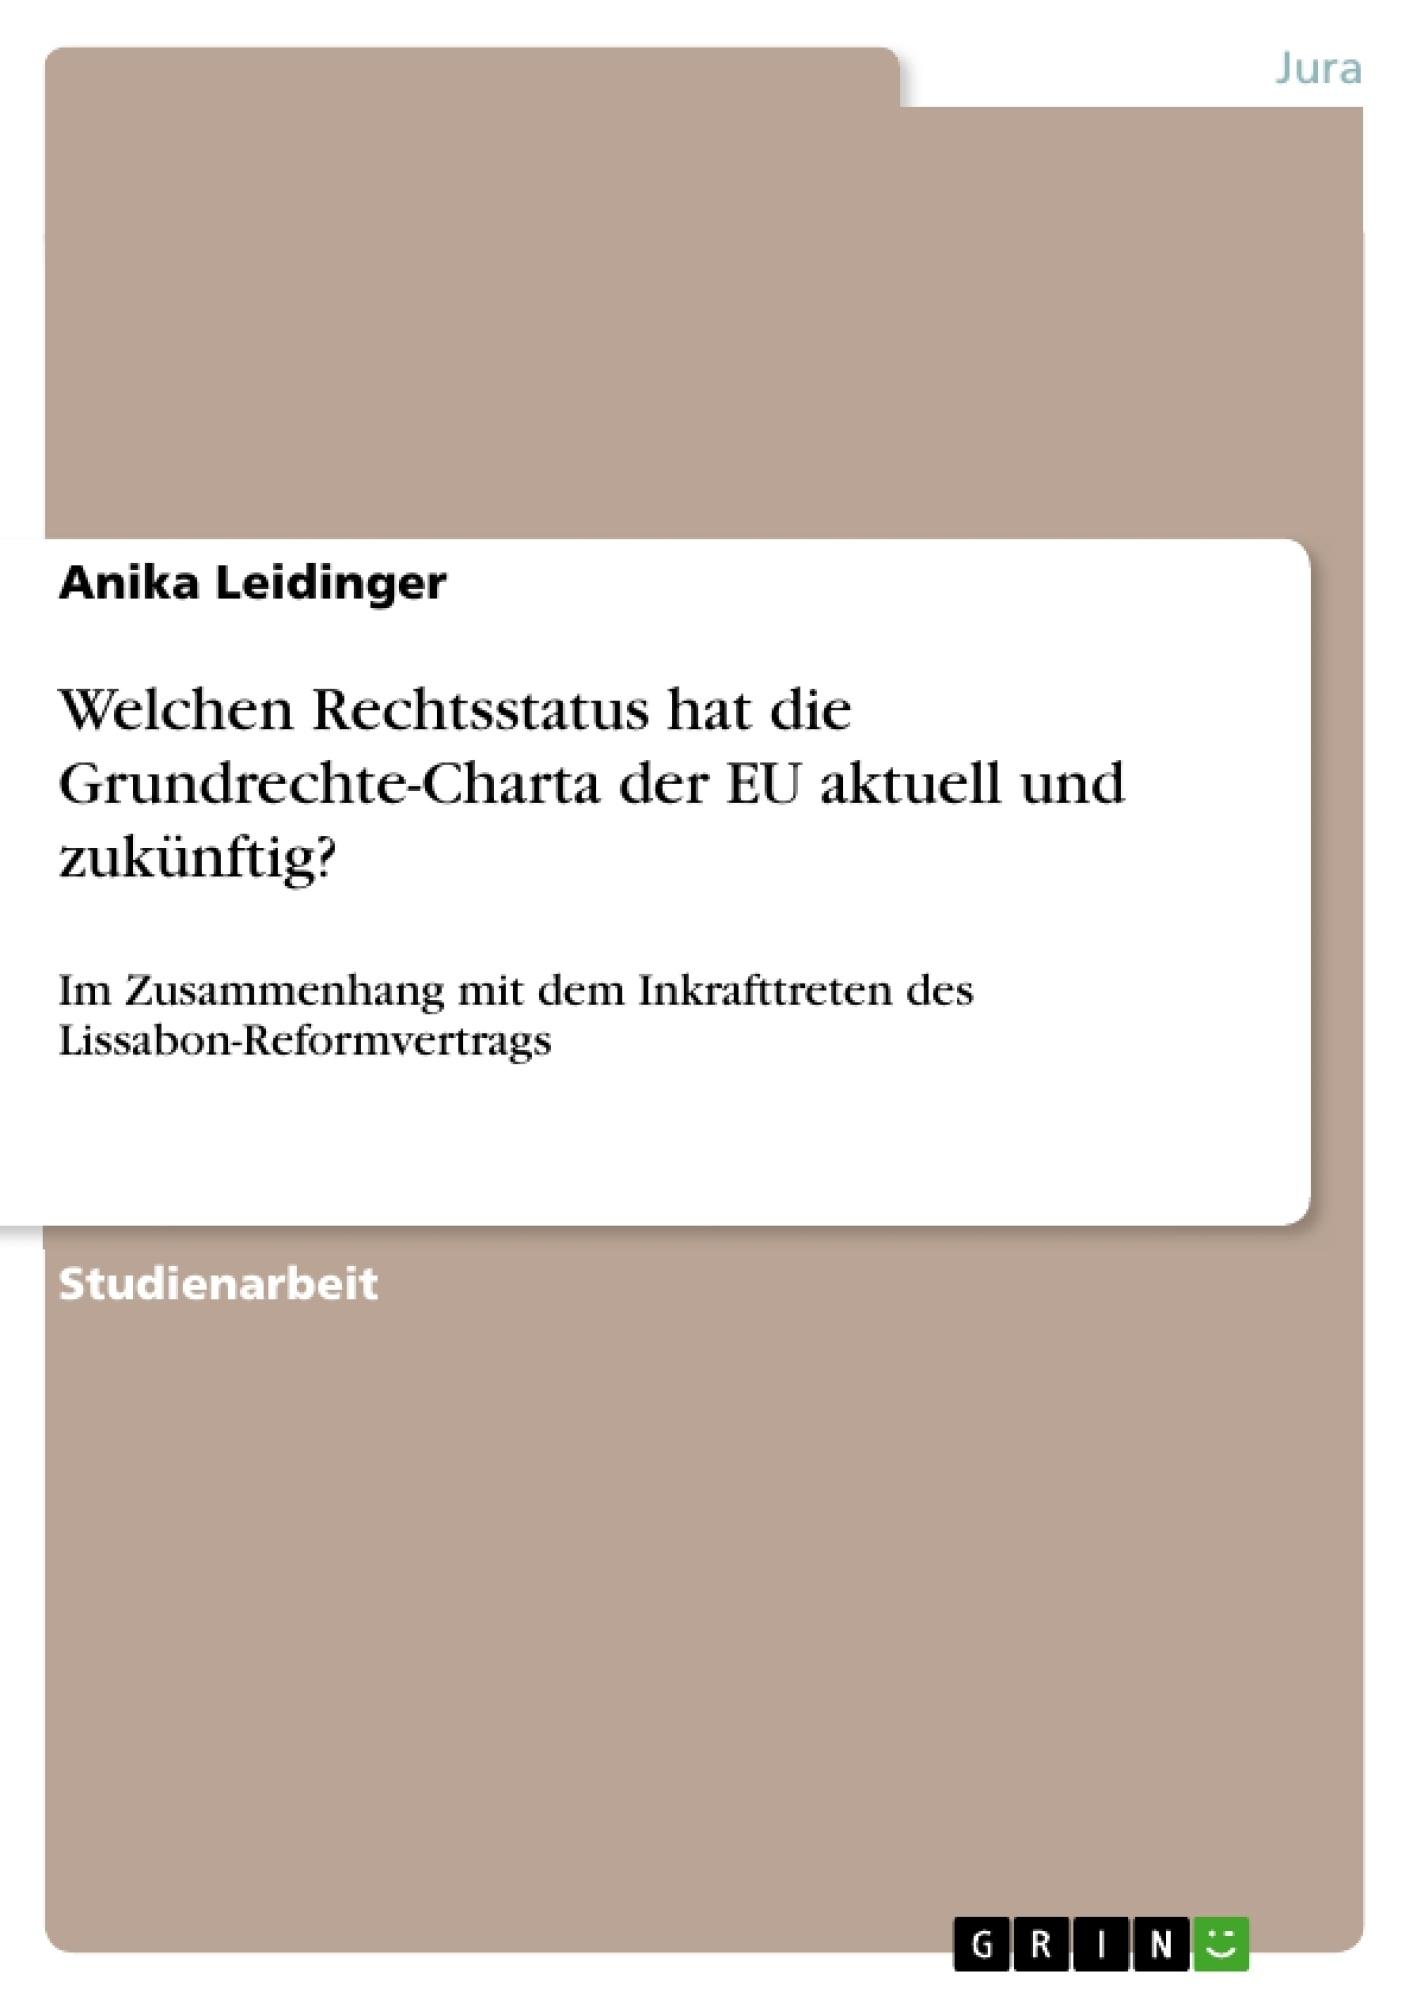 Titel: Welchen Rechtsstatus hat die Grundrechte-Charta der EU aktuell und zukünftig?